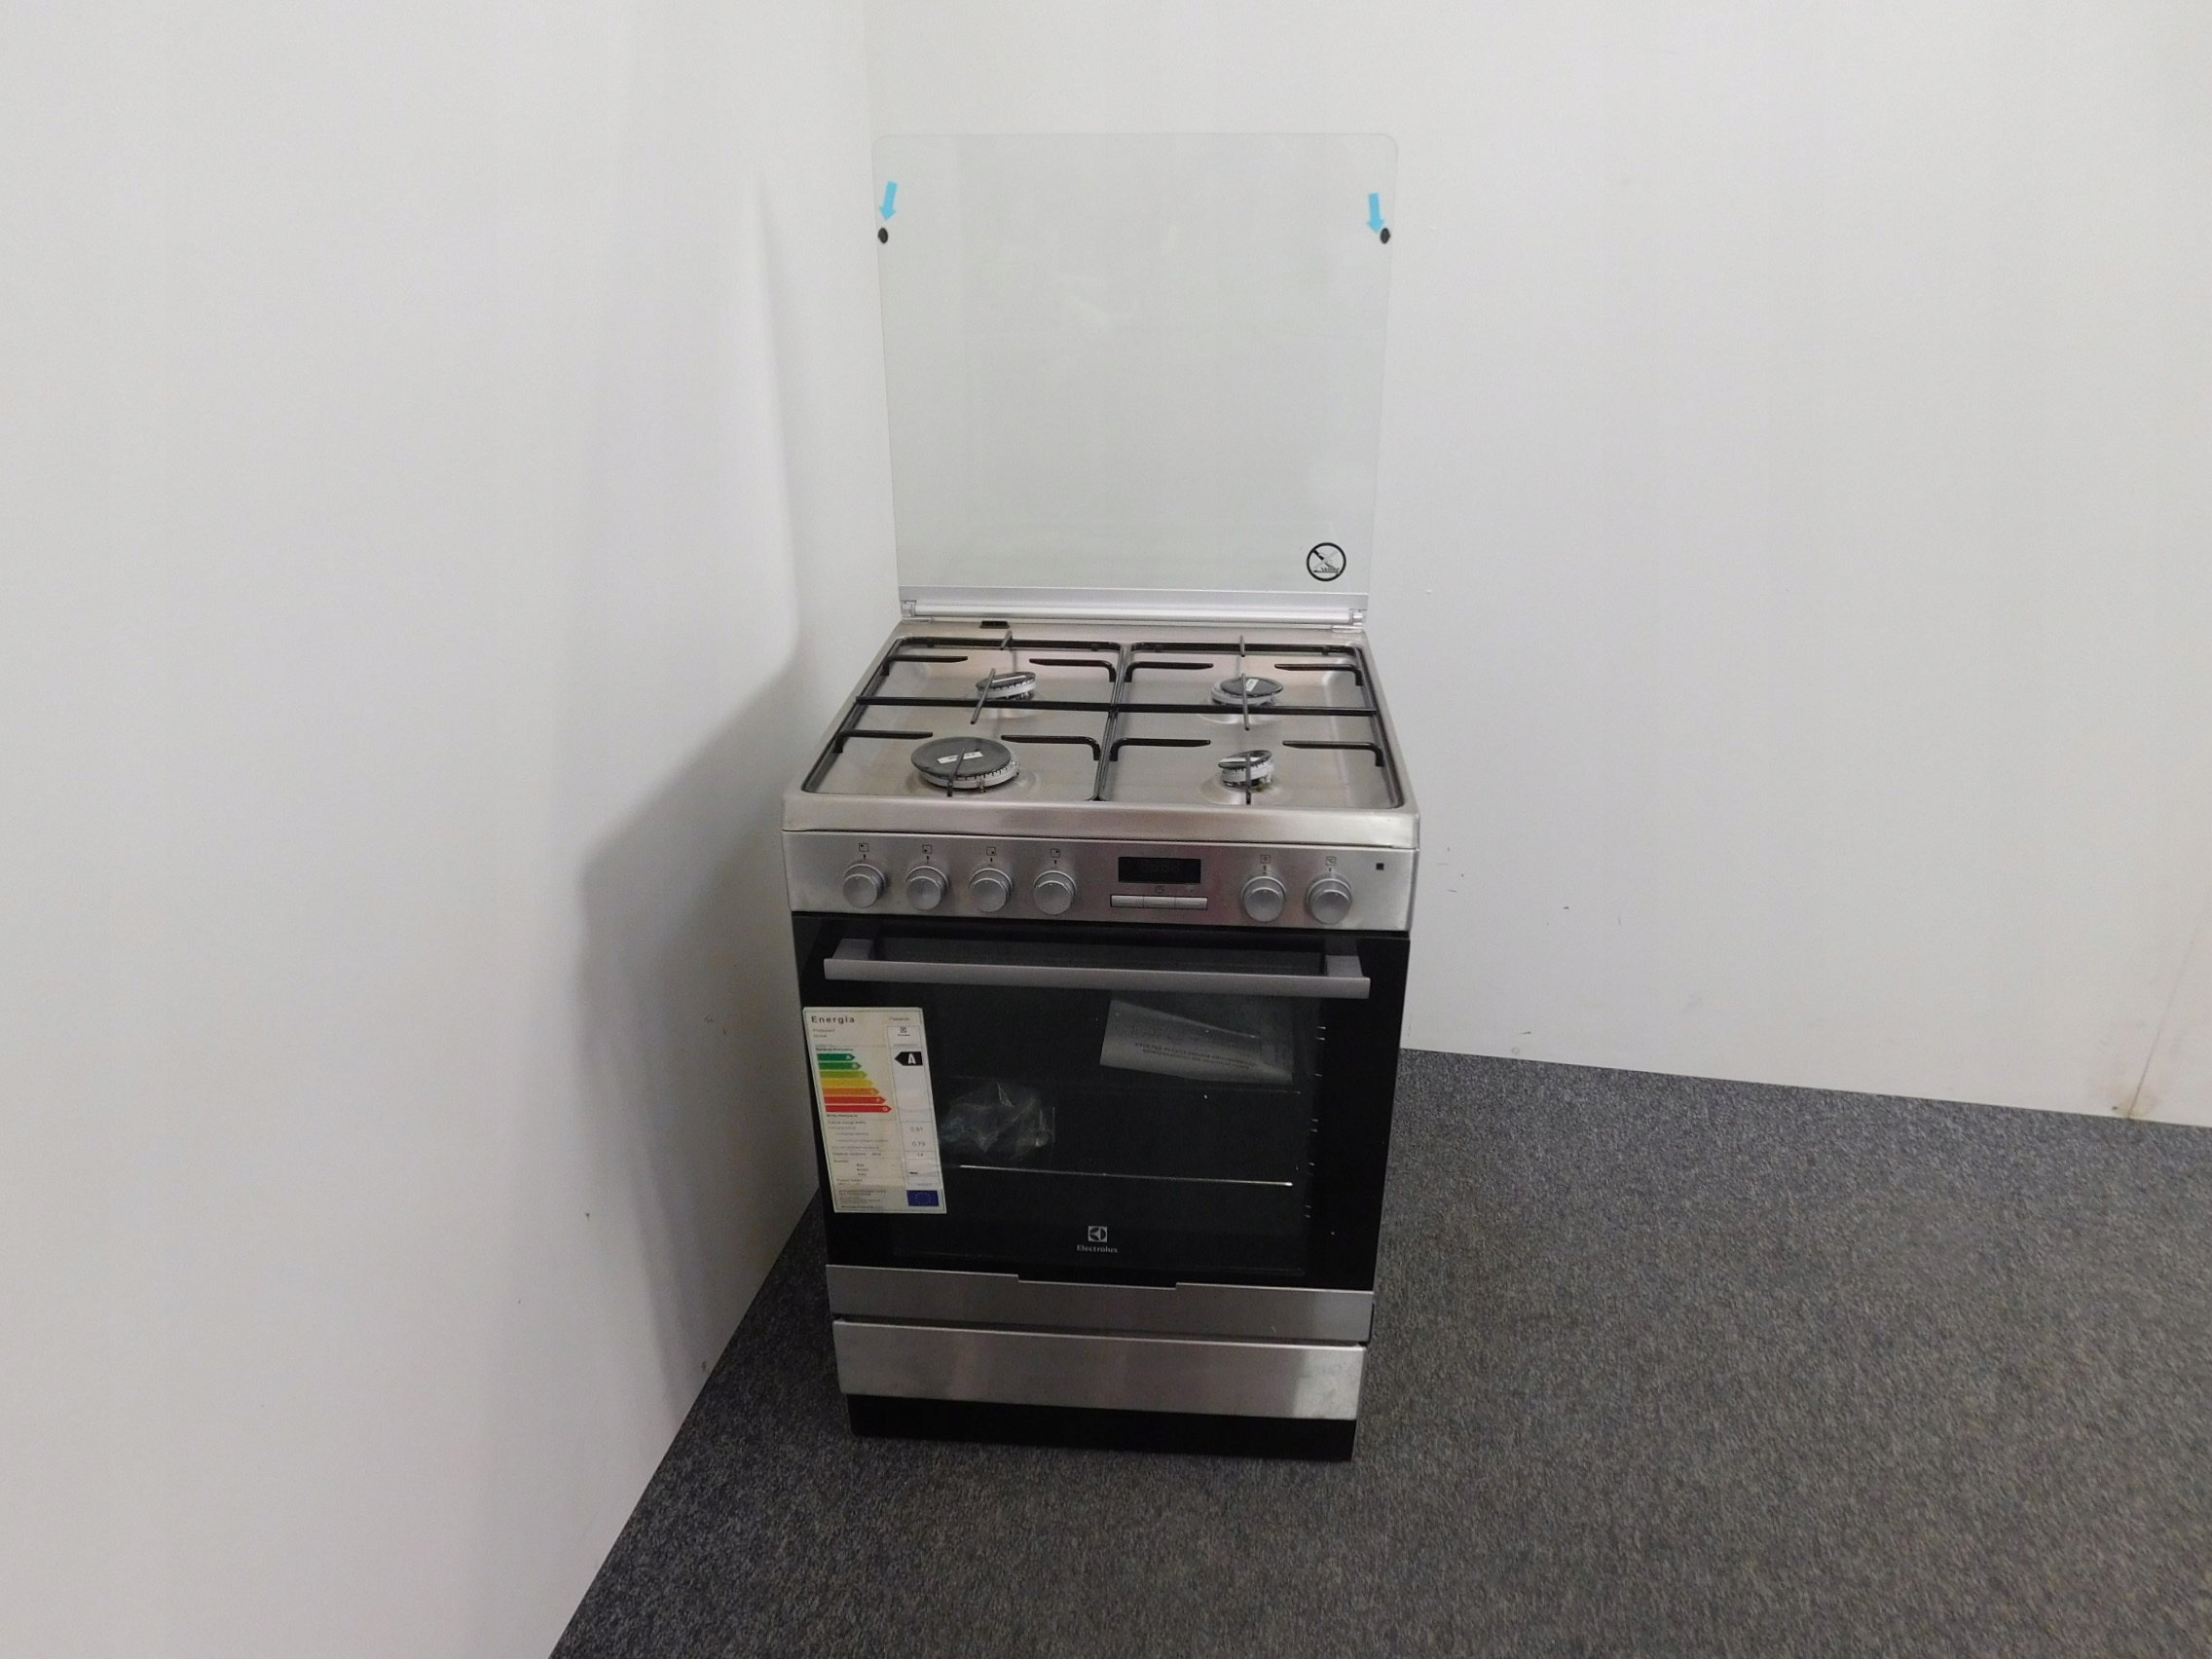 Kuchnia Gazowo Elektryczna Electrolux Ekk6450aox 7300805482